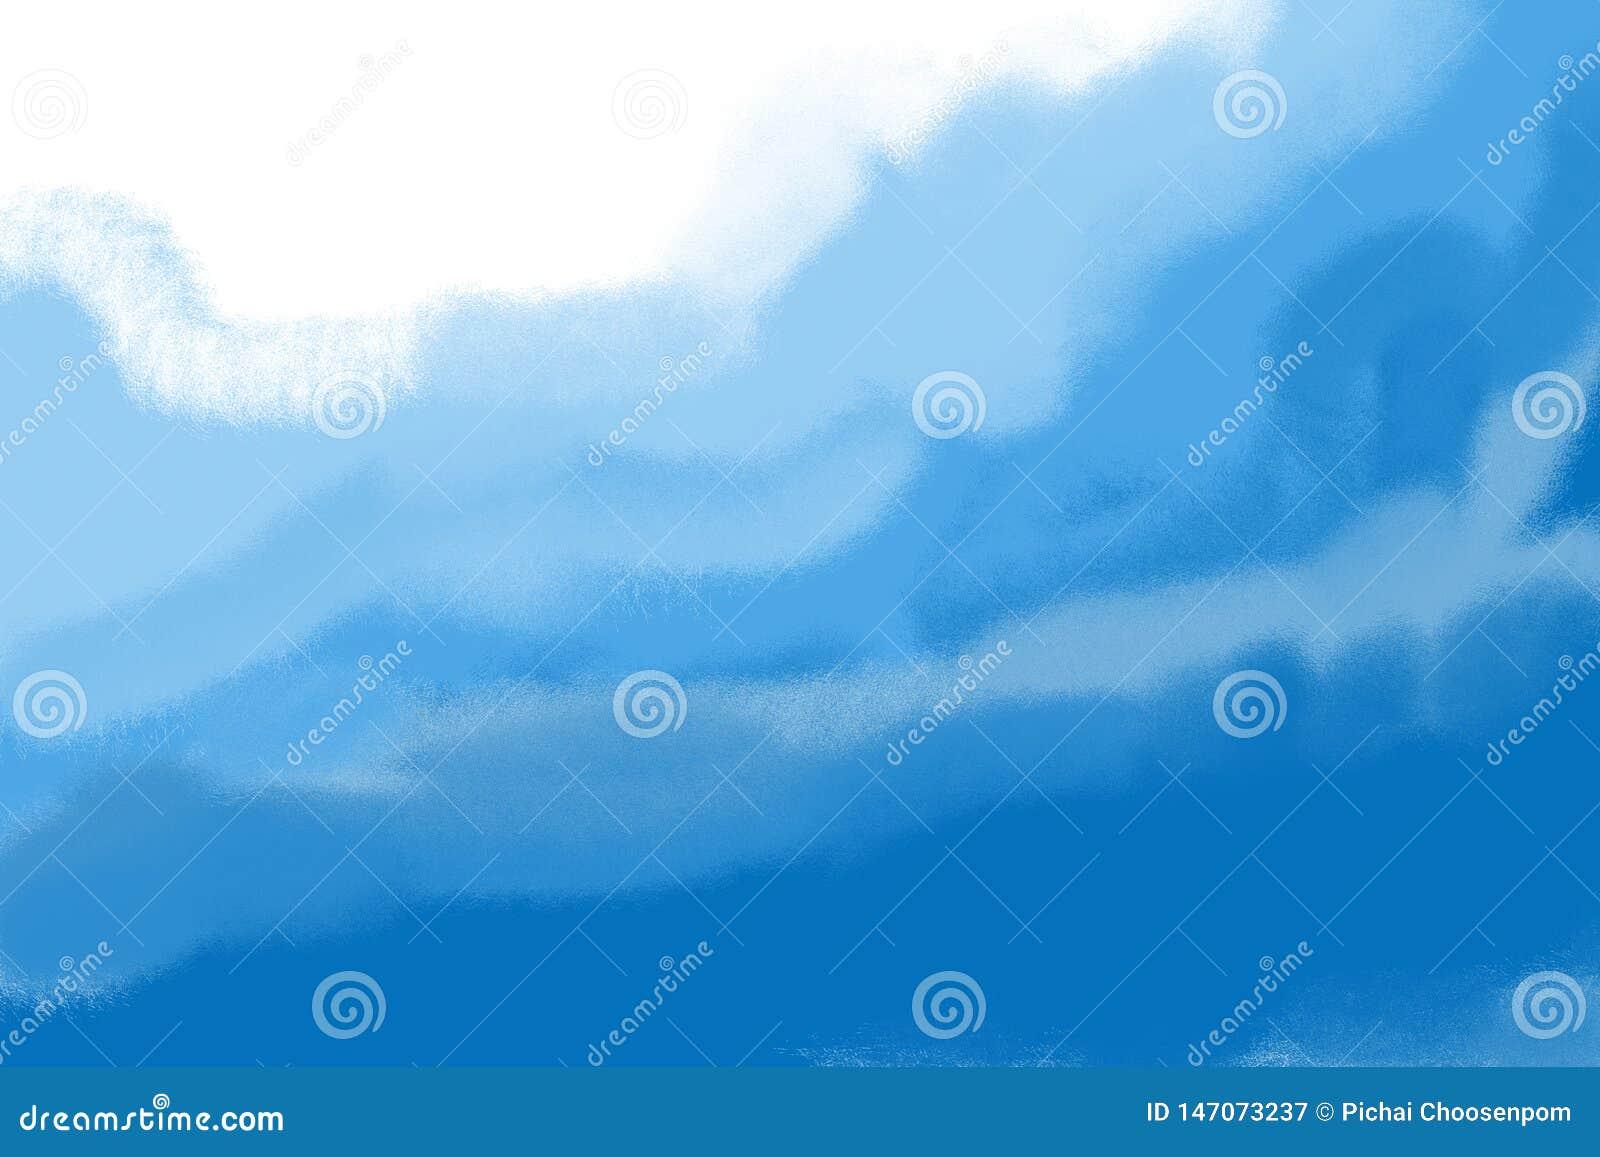 Light blue sea wave illustration background.